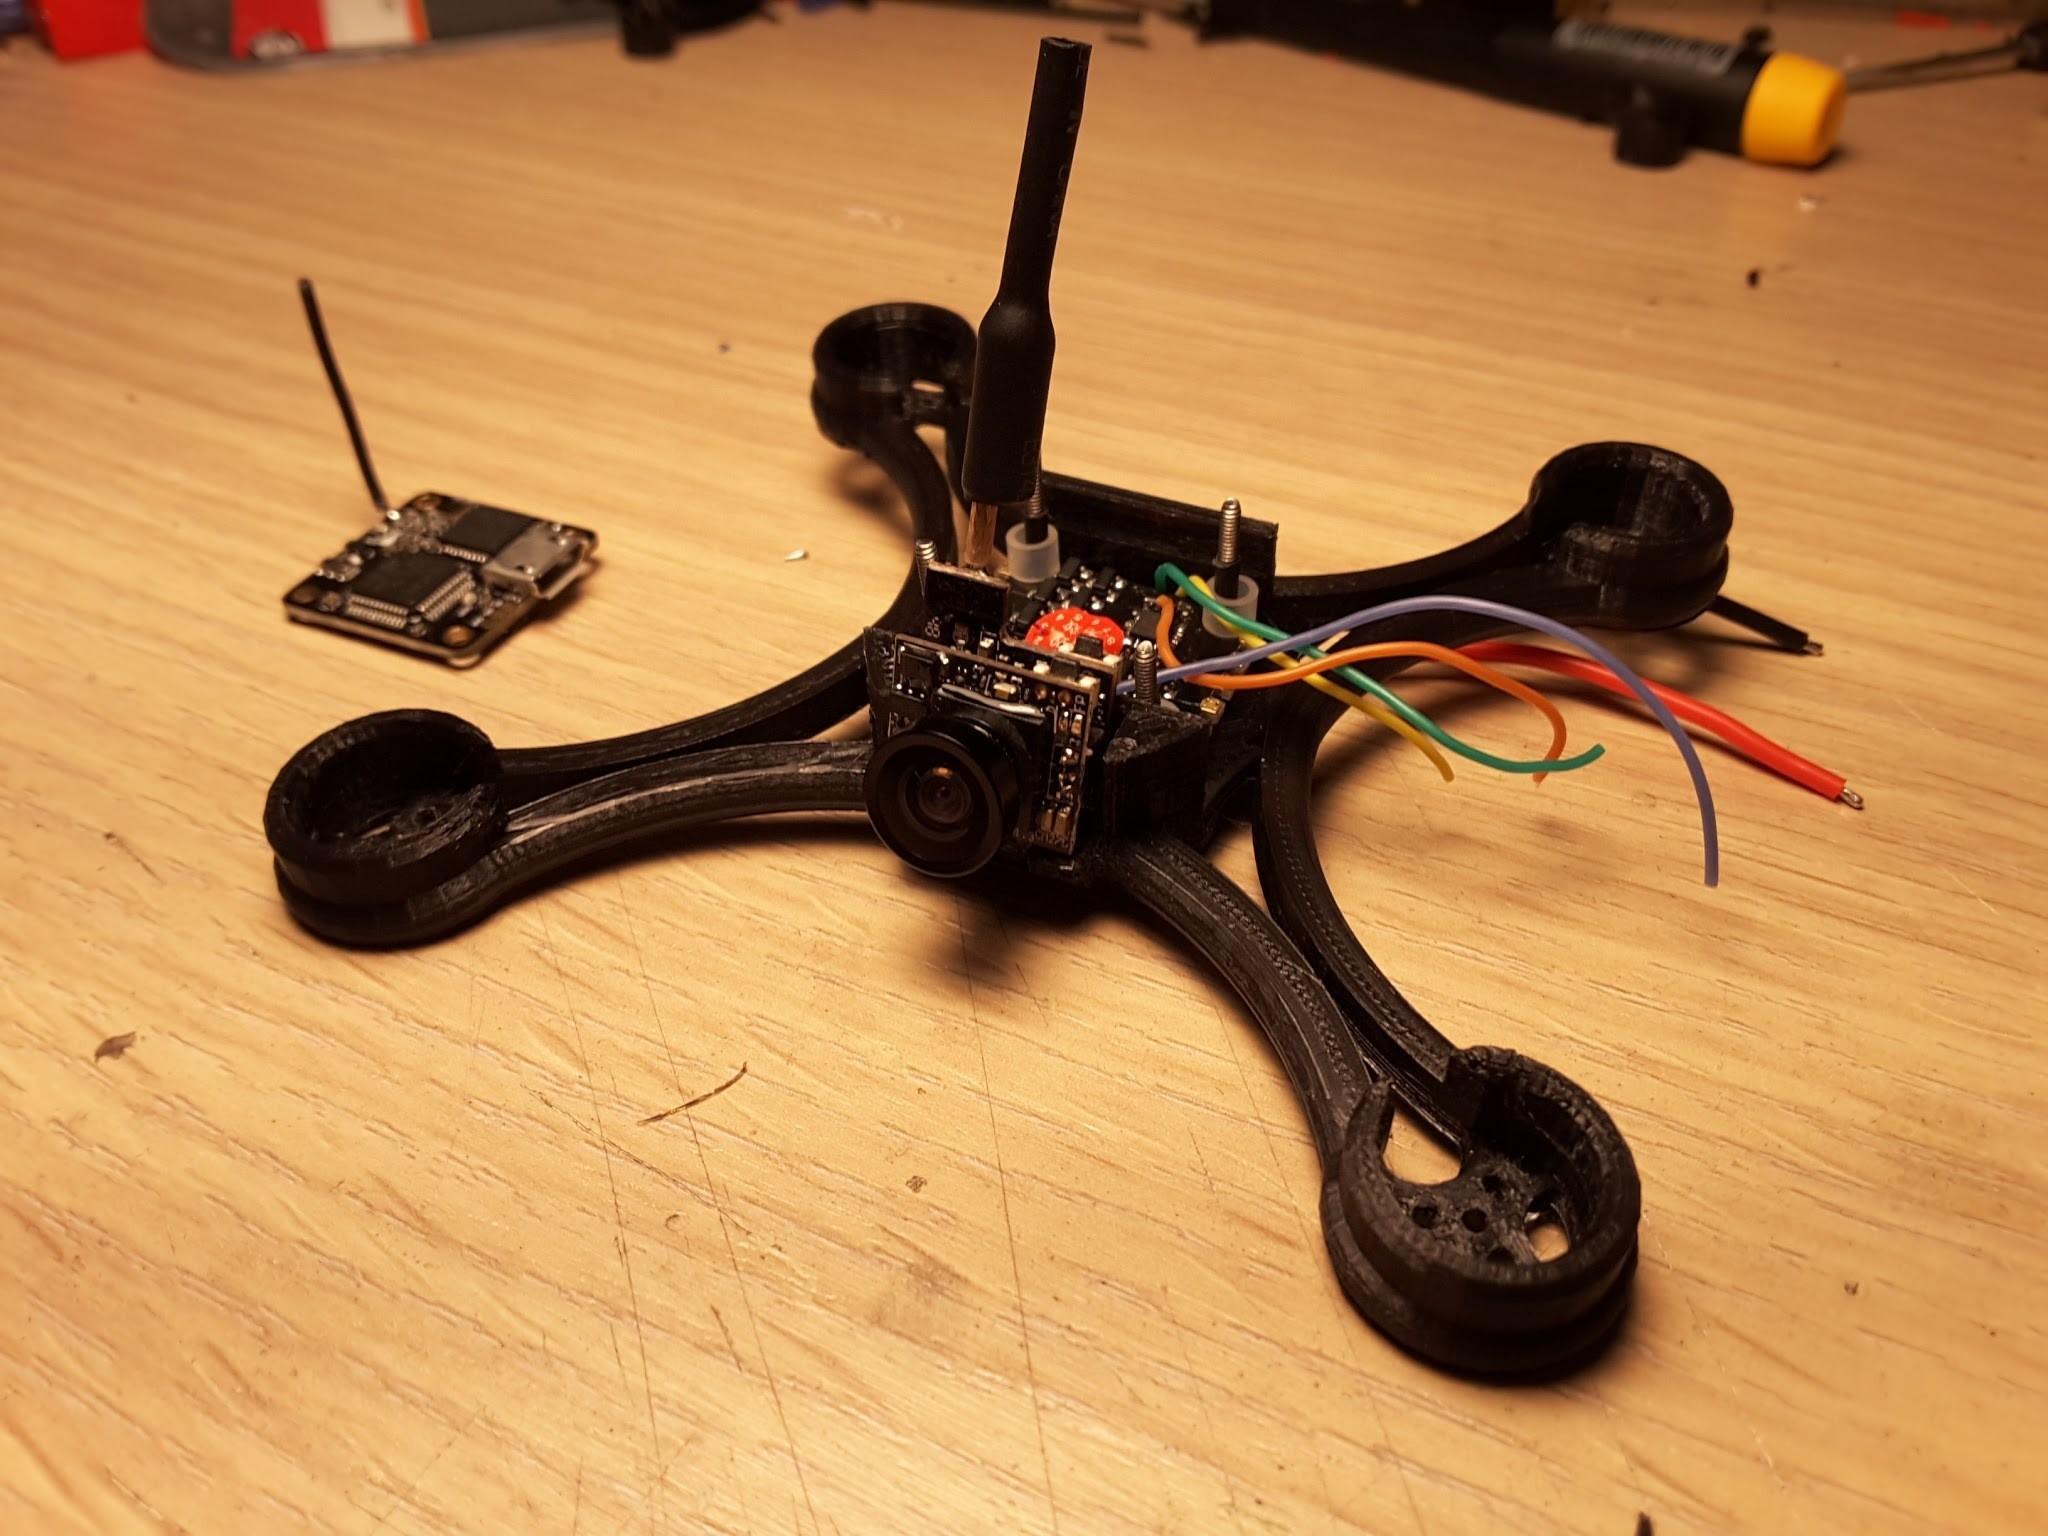 4882950556752620575_account_id=1.jpg Télécharger fichier STL gratuit Micro Quad fpv Racer 100mm Brushless 1S 0703 20.000kv • Modèle à imprimer en 3D, Microdure